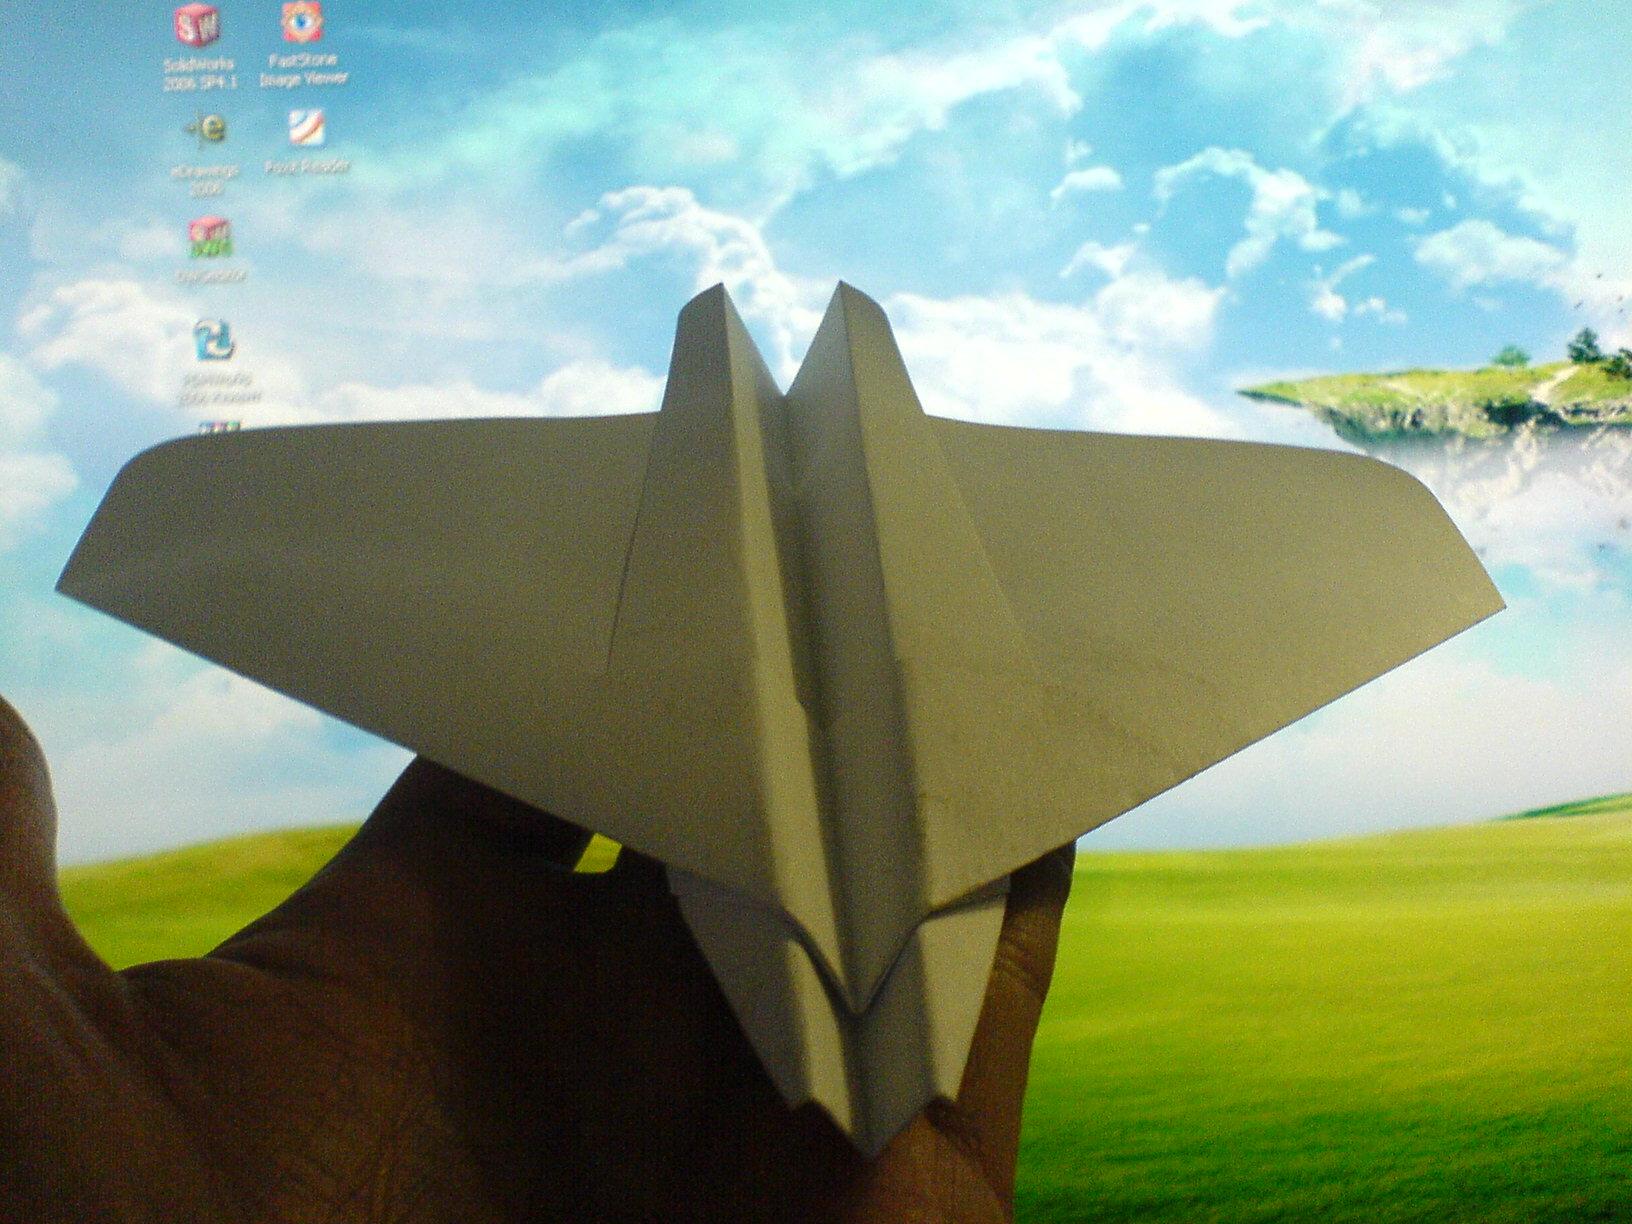 Летающее крыло (бесхвостка) из бумаги Всё самое интересное! 21